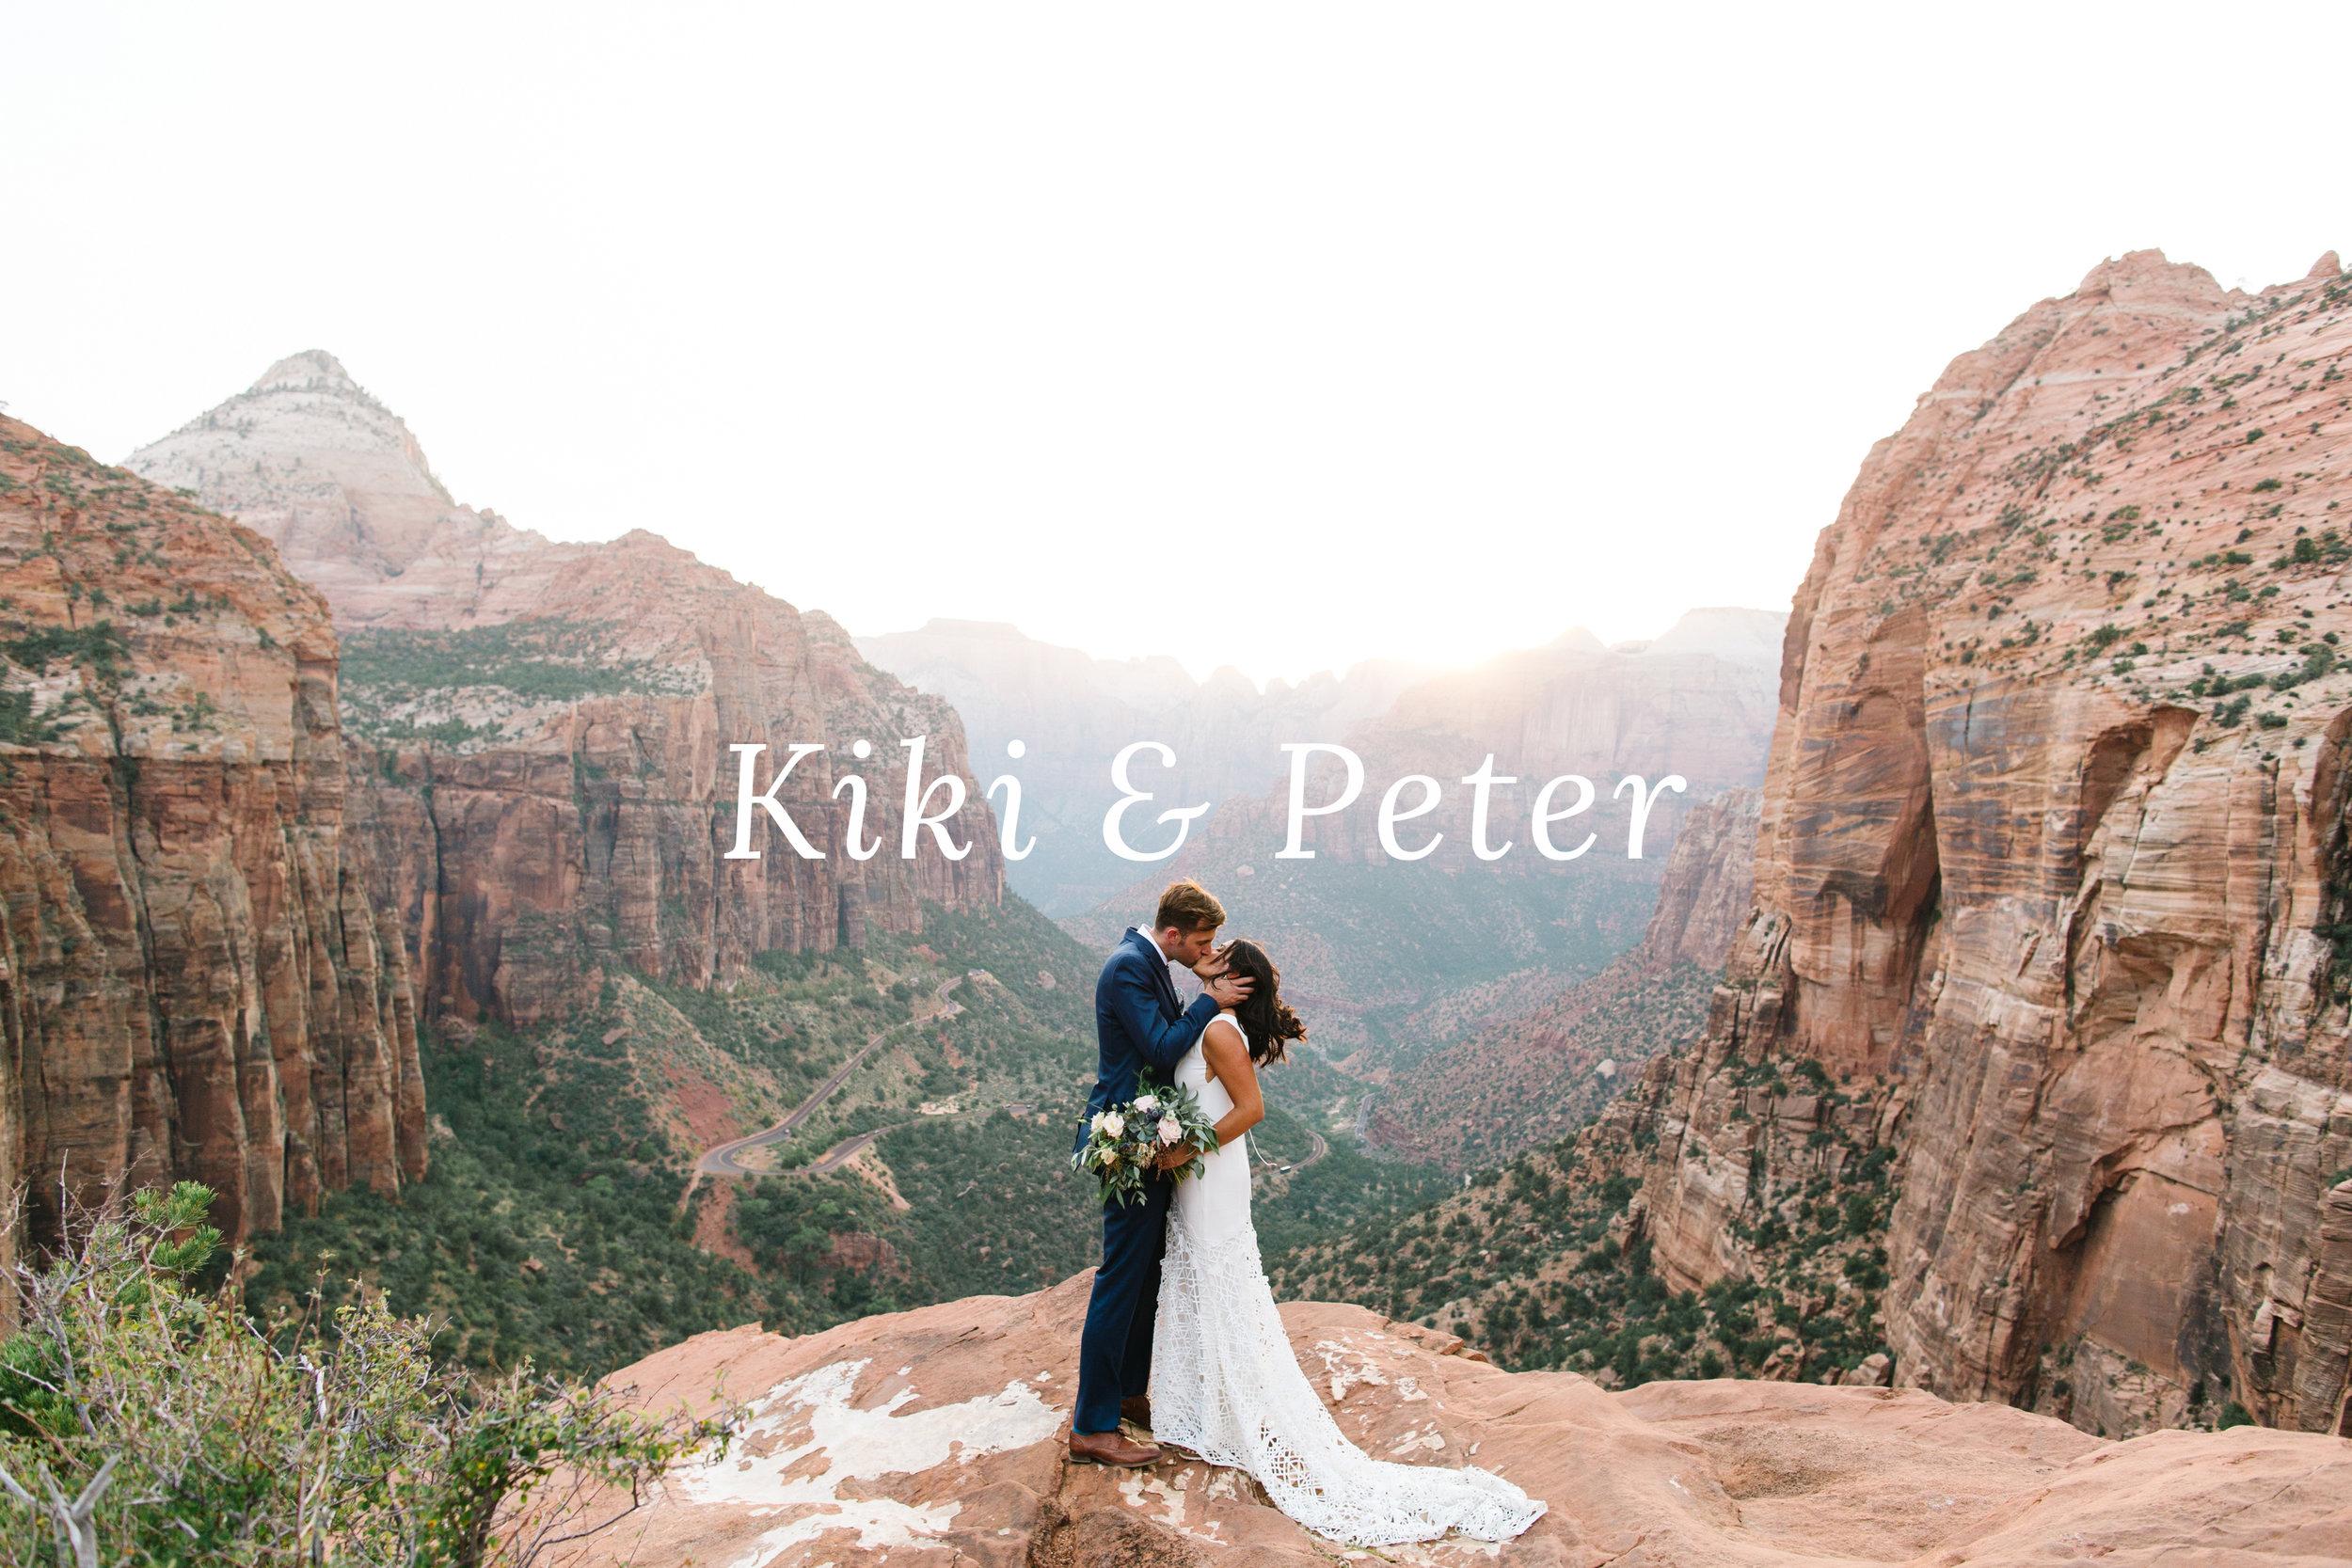 Kiki-Peter-Bridals-109-COVER.jpg